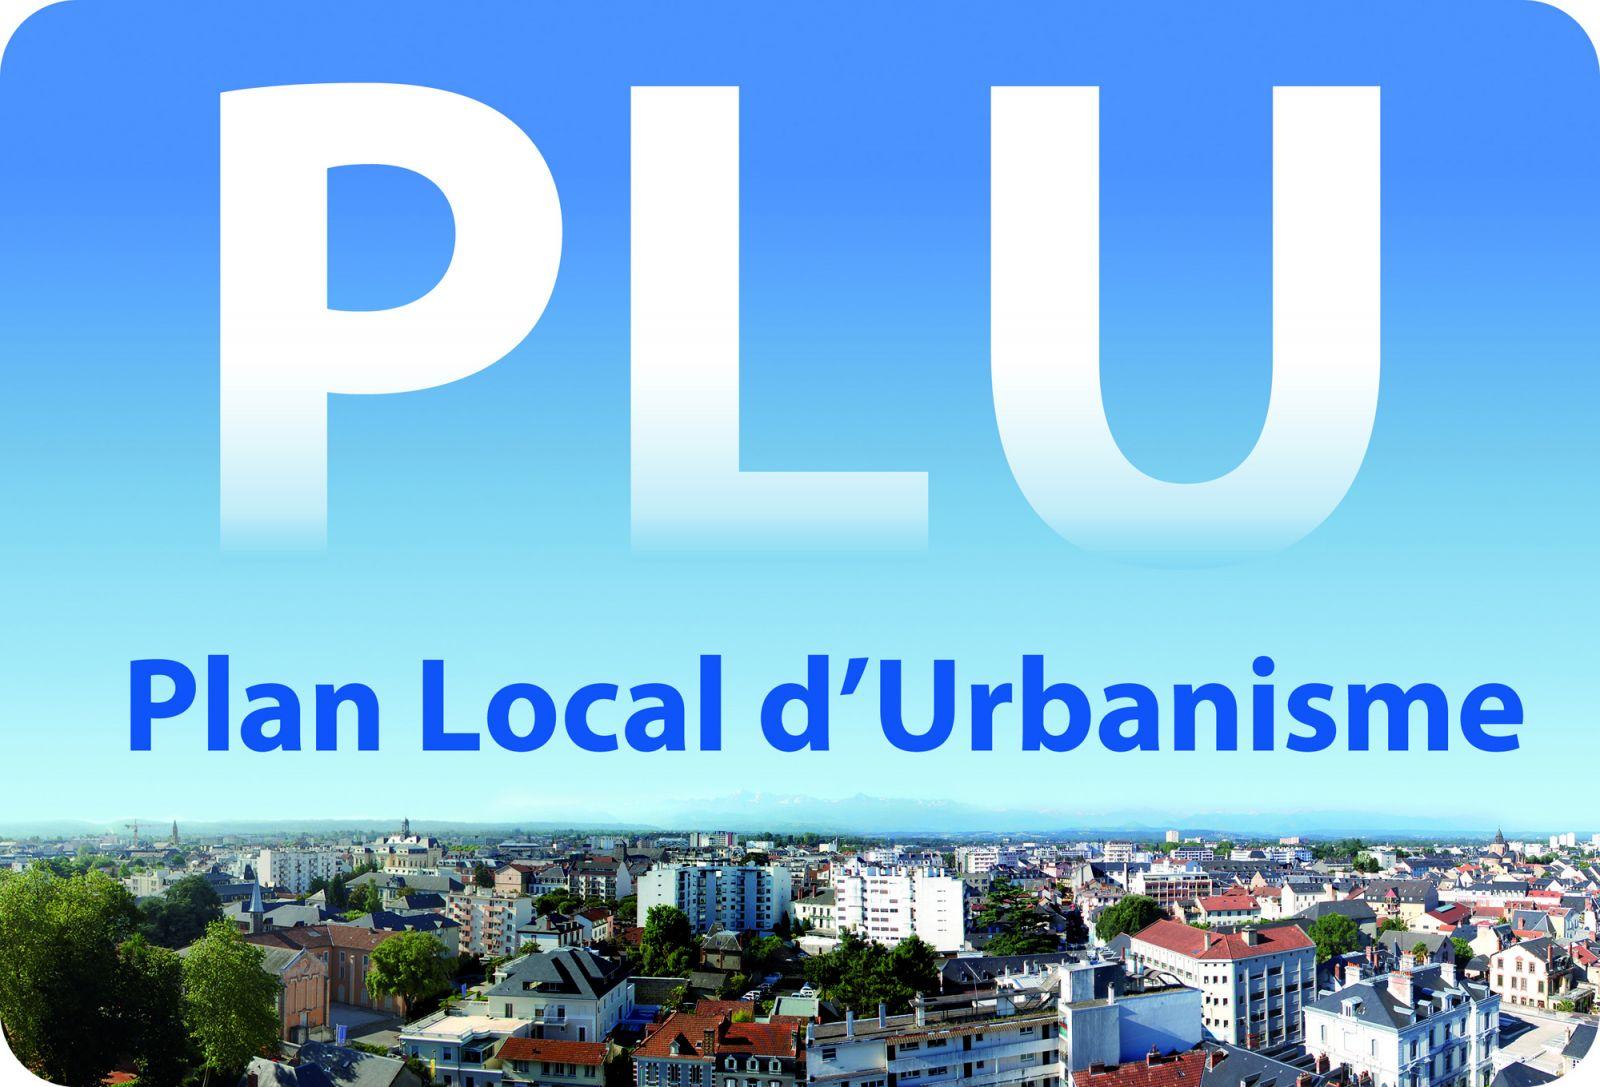 Urbanisme Le Blog De L Urbanisme Et De L Expropriation # Prescription Urbanistique Abris De Jardin